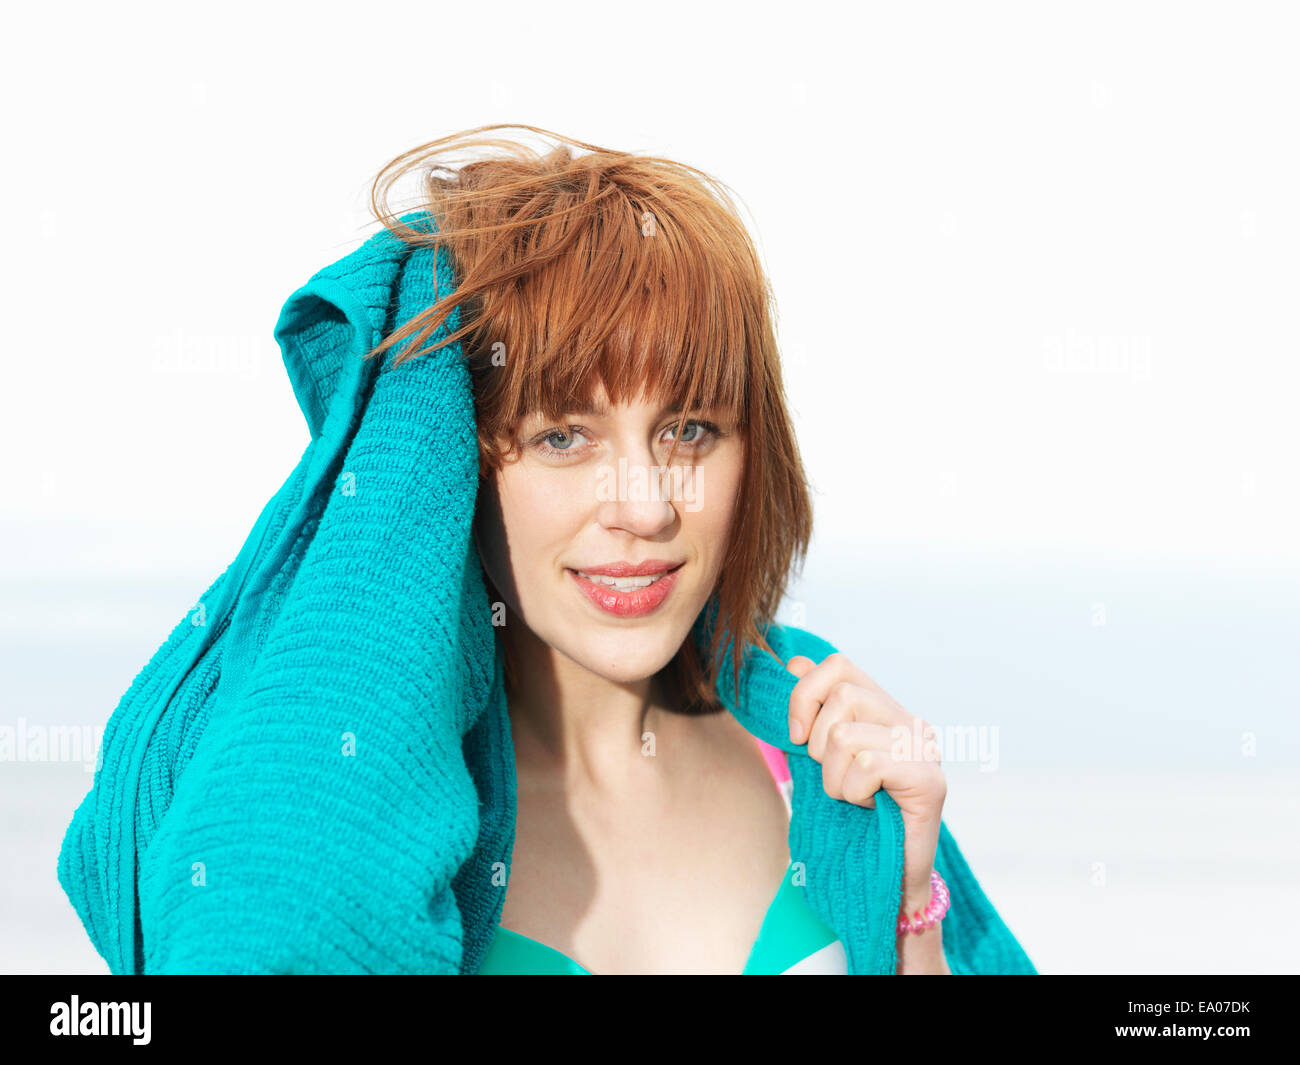 Young woman in bikini avec serviette sèche séchage Photo Stock